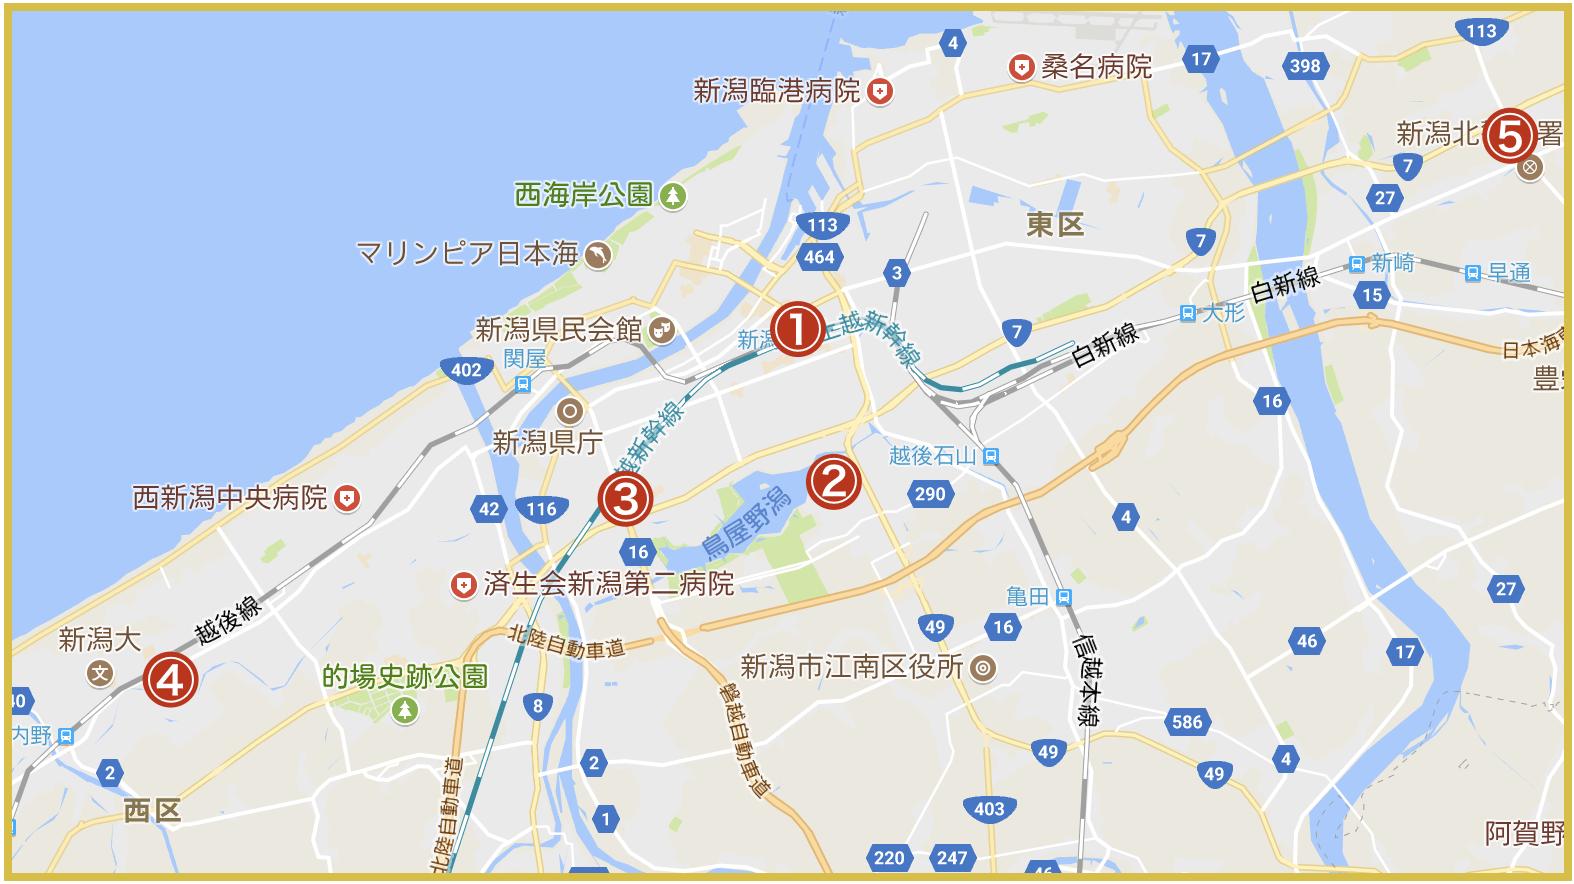 新潟県新潟市にあるアコム店舗・ATMの位置(2020年4月版)